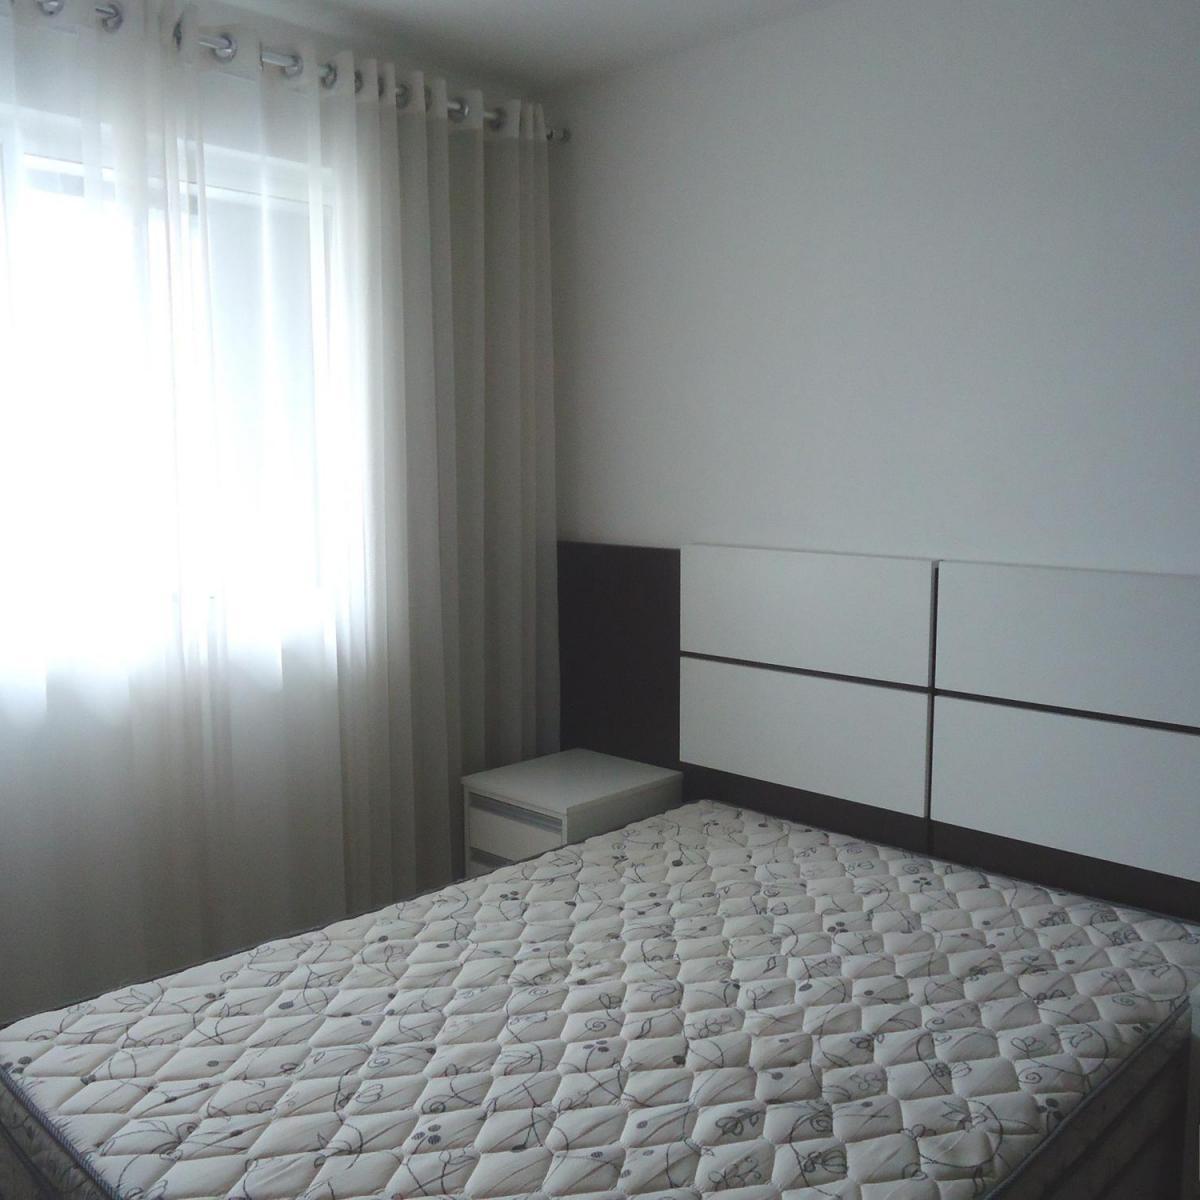 Imagens de #546C78 Apartamento para aluguel com 1 Quarto Centro Curitiba R$ 1.300 48  1200x1200 px 2810 Box Banheiro Manchado